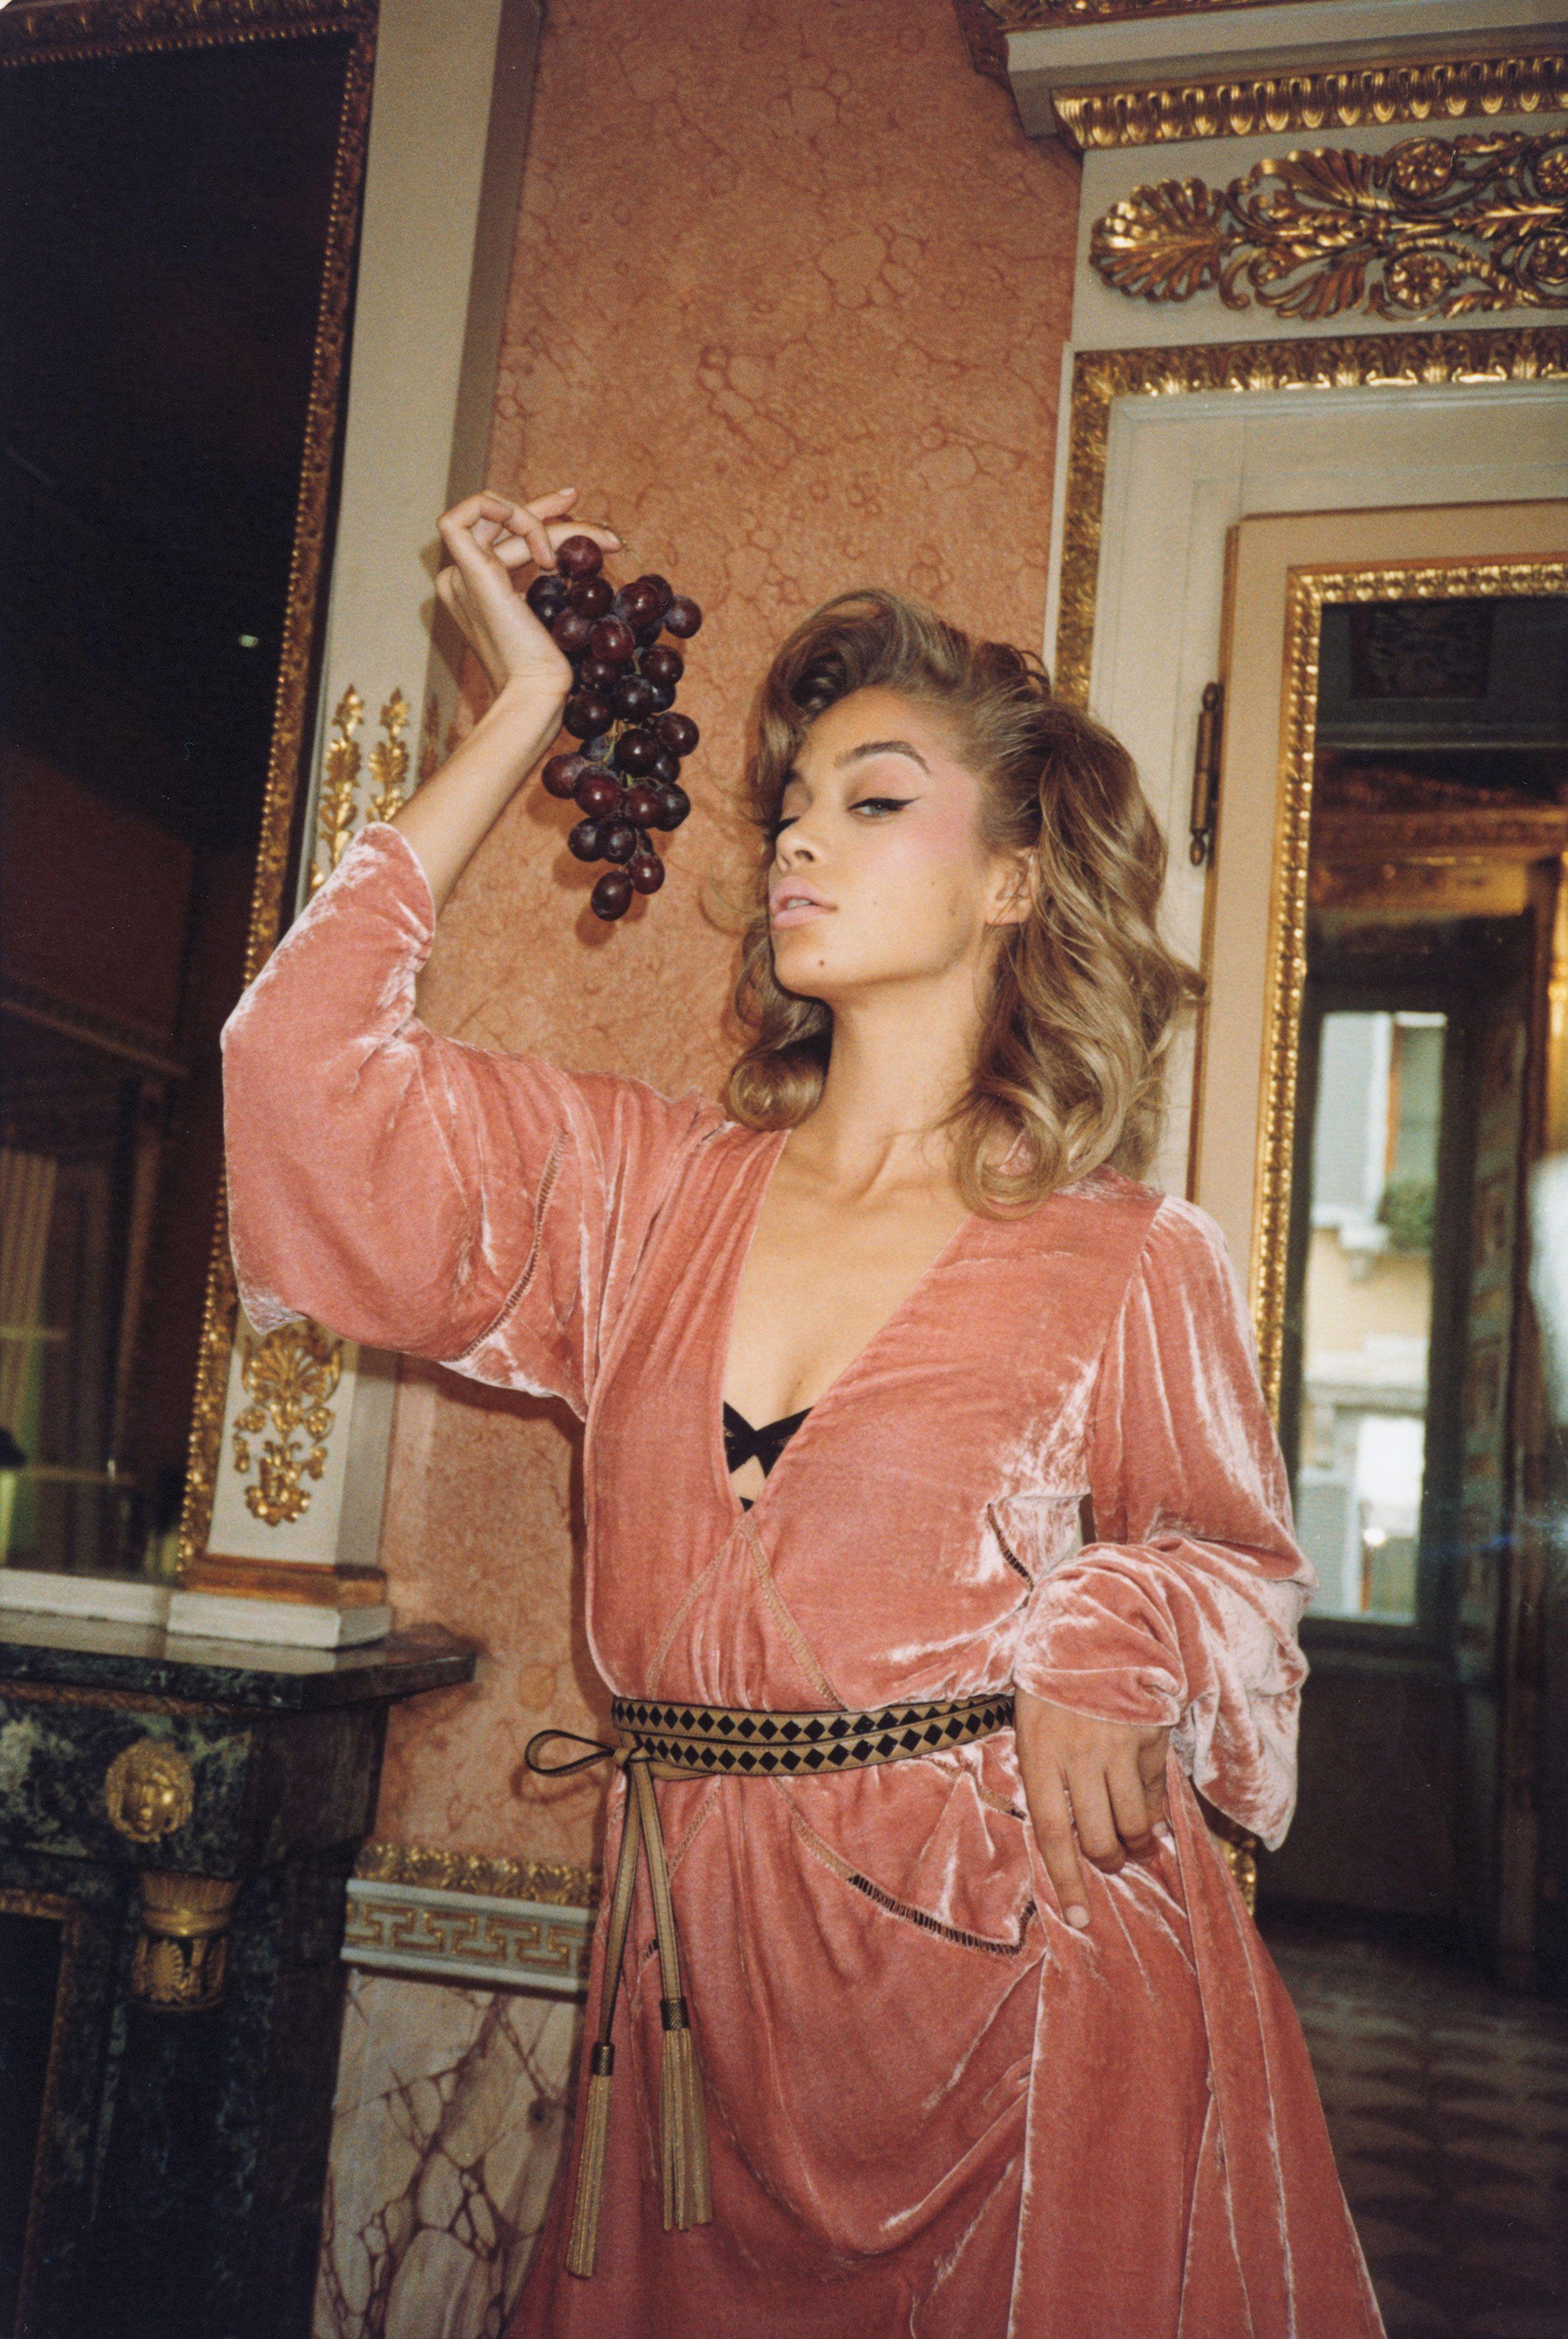 Jasmine Sanders Jaunts Around Milan In Fashion From Next Season